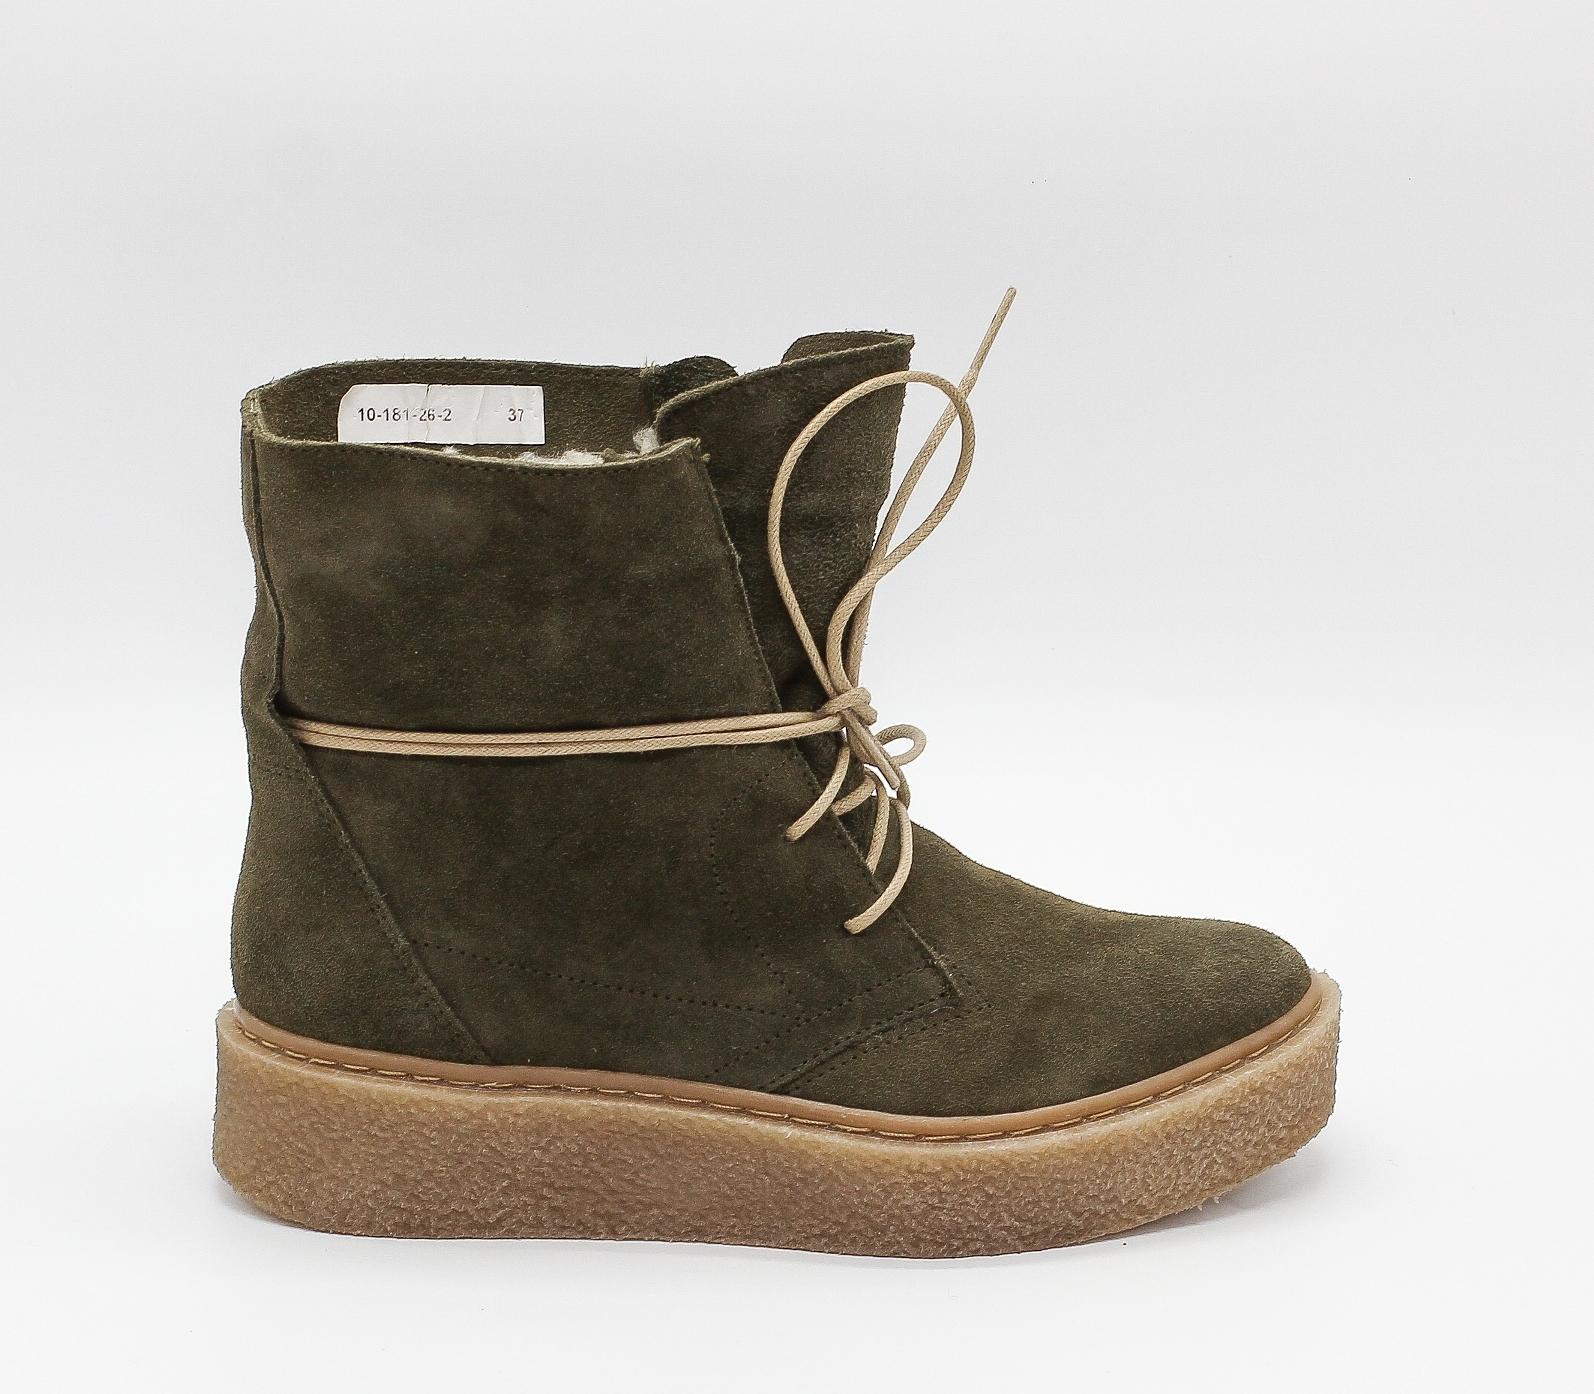 Замшевые зеленые ботинки на объемной каучуковой подошве